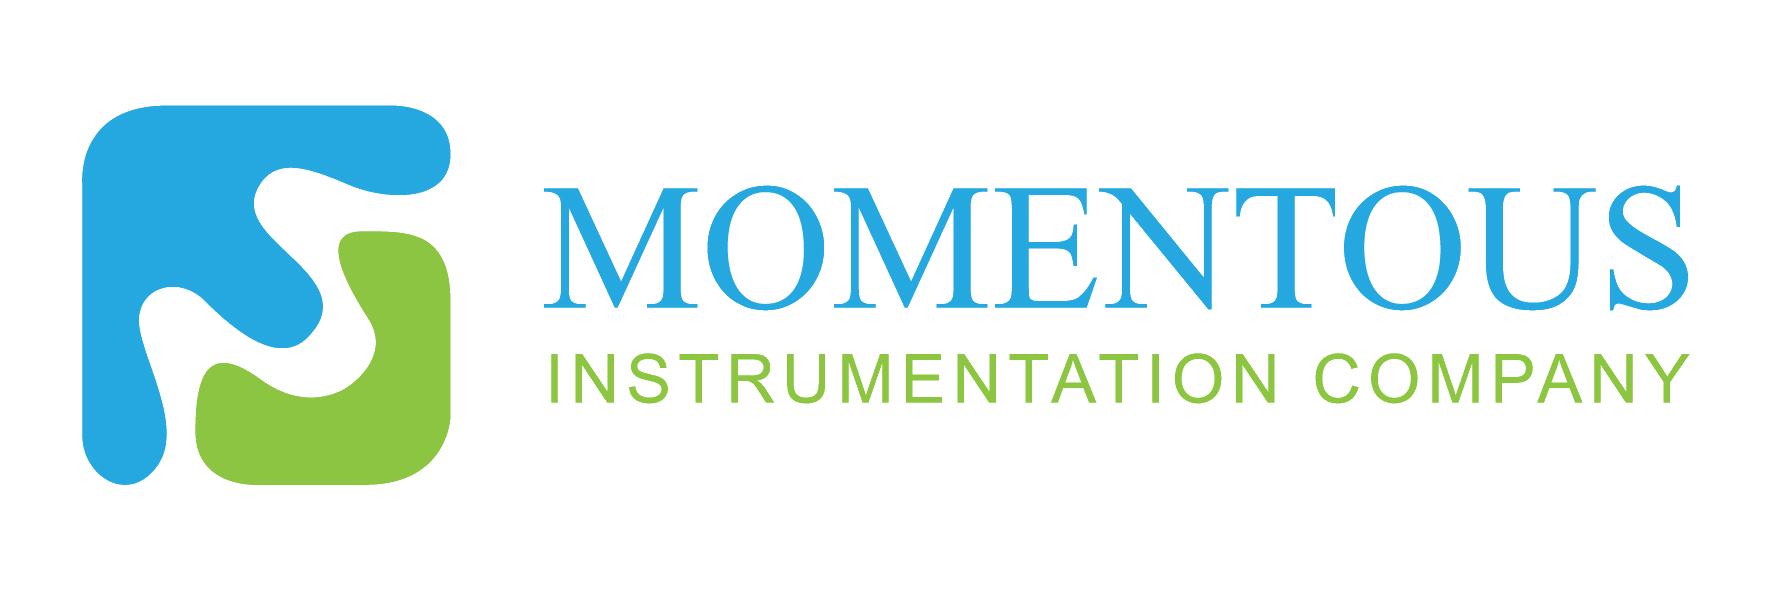 Momentous